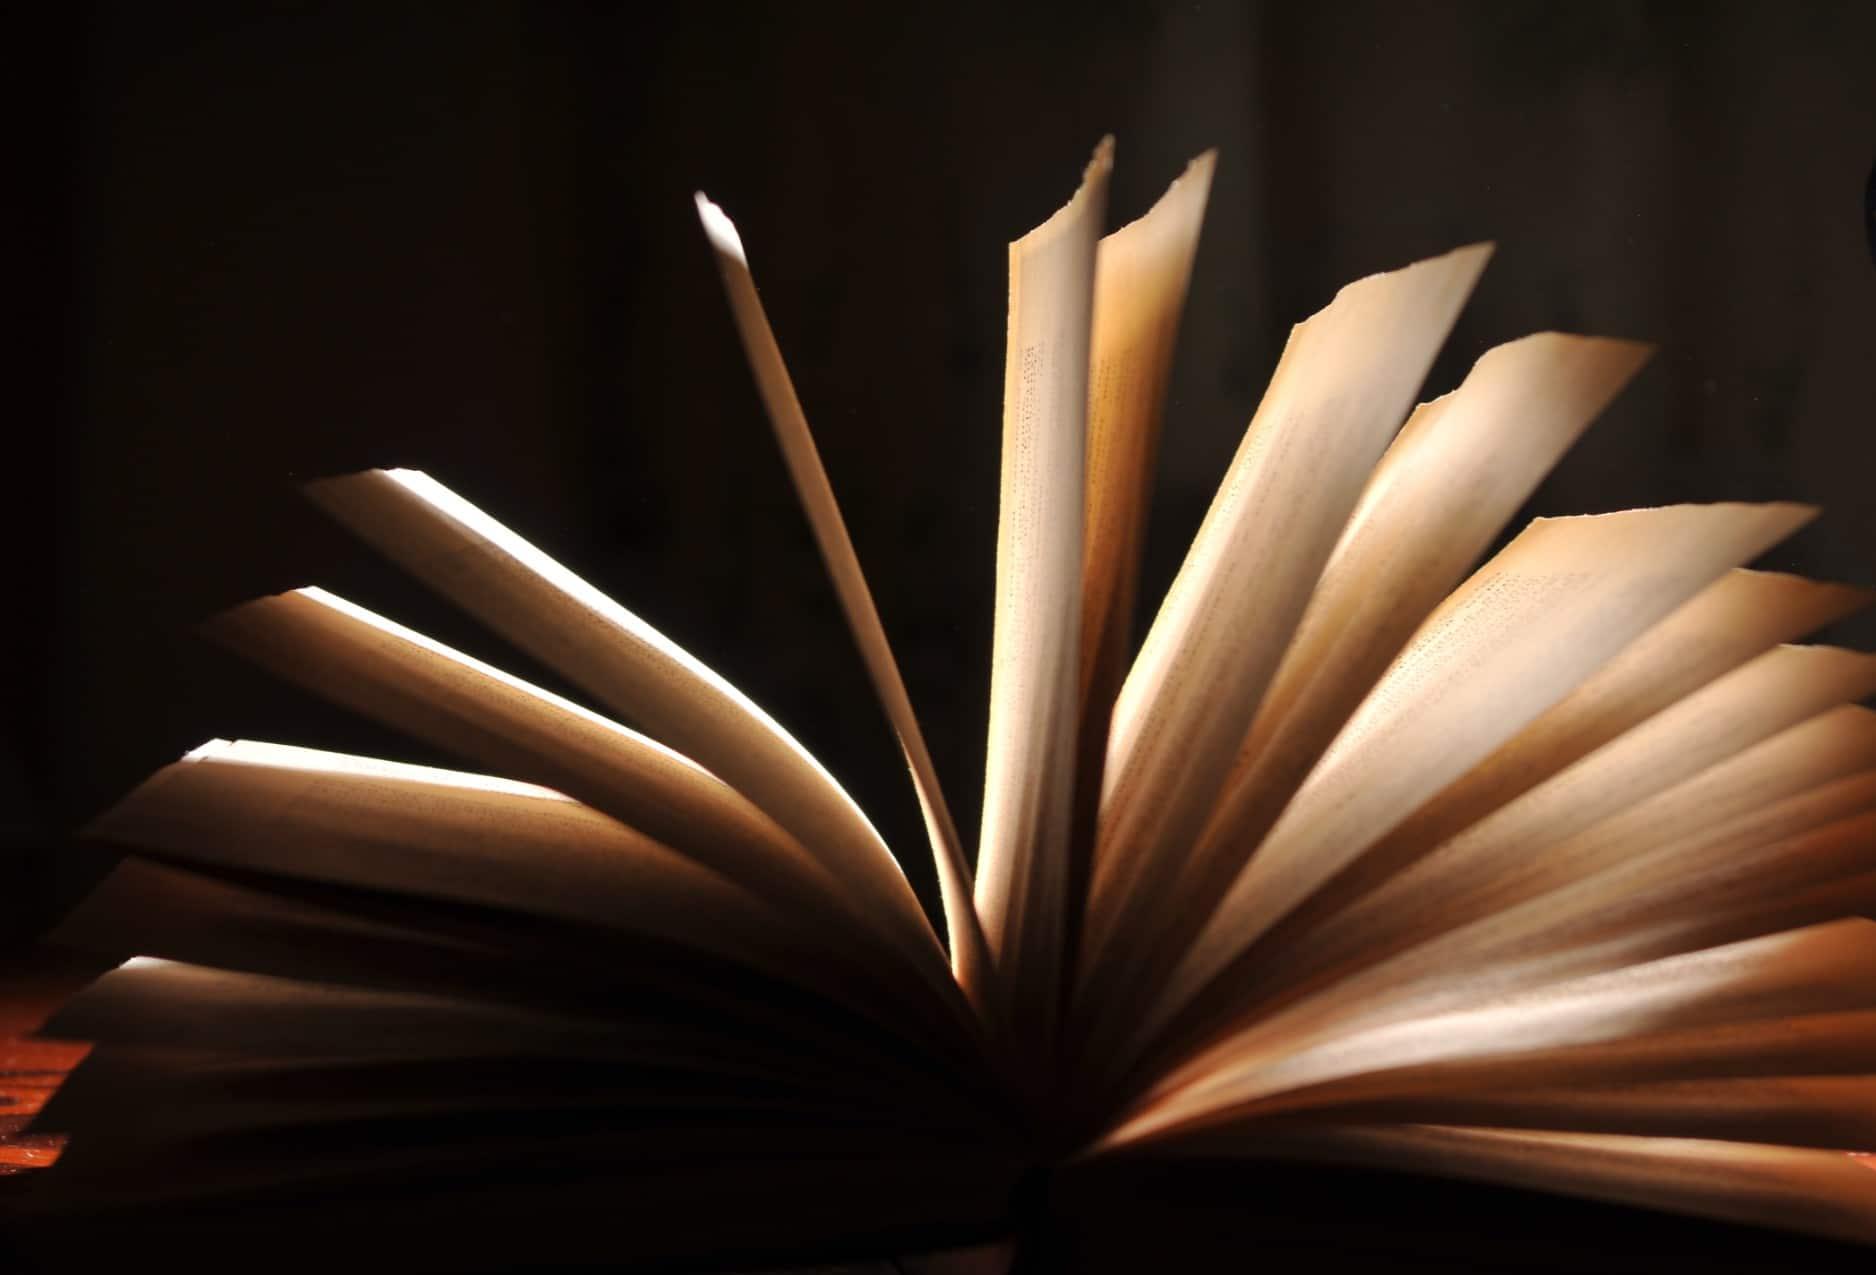 5 דרכים לקרוא (הרבה יותר) בשנה הקרובה